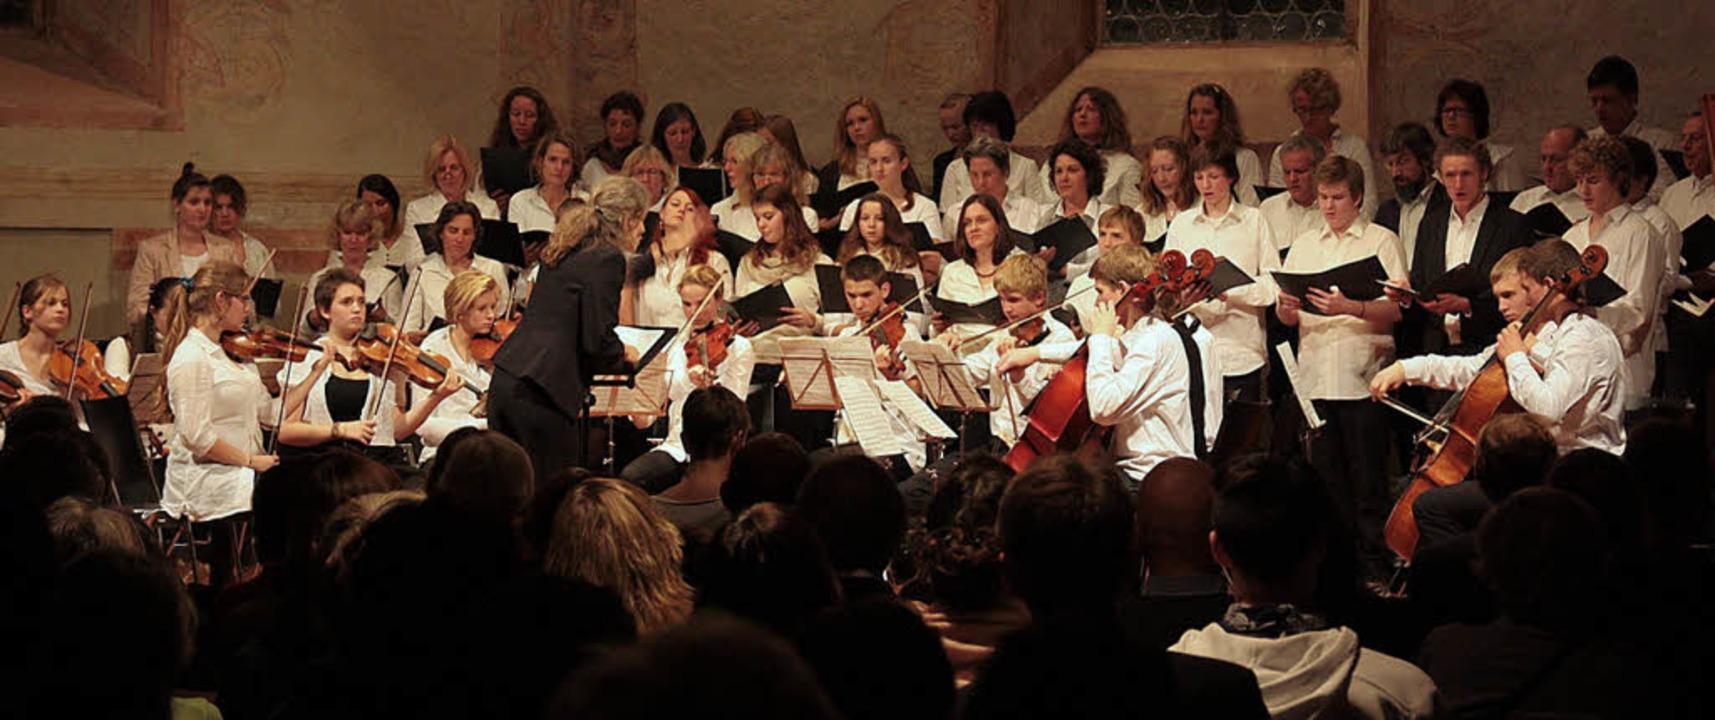 Chor und Orchester der Waldorfschule  ...nzert in der Müllheimer Martinskirche   | Foto: Dorothea Koelbing